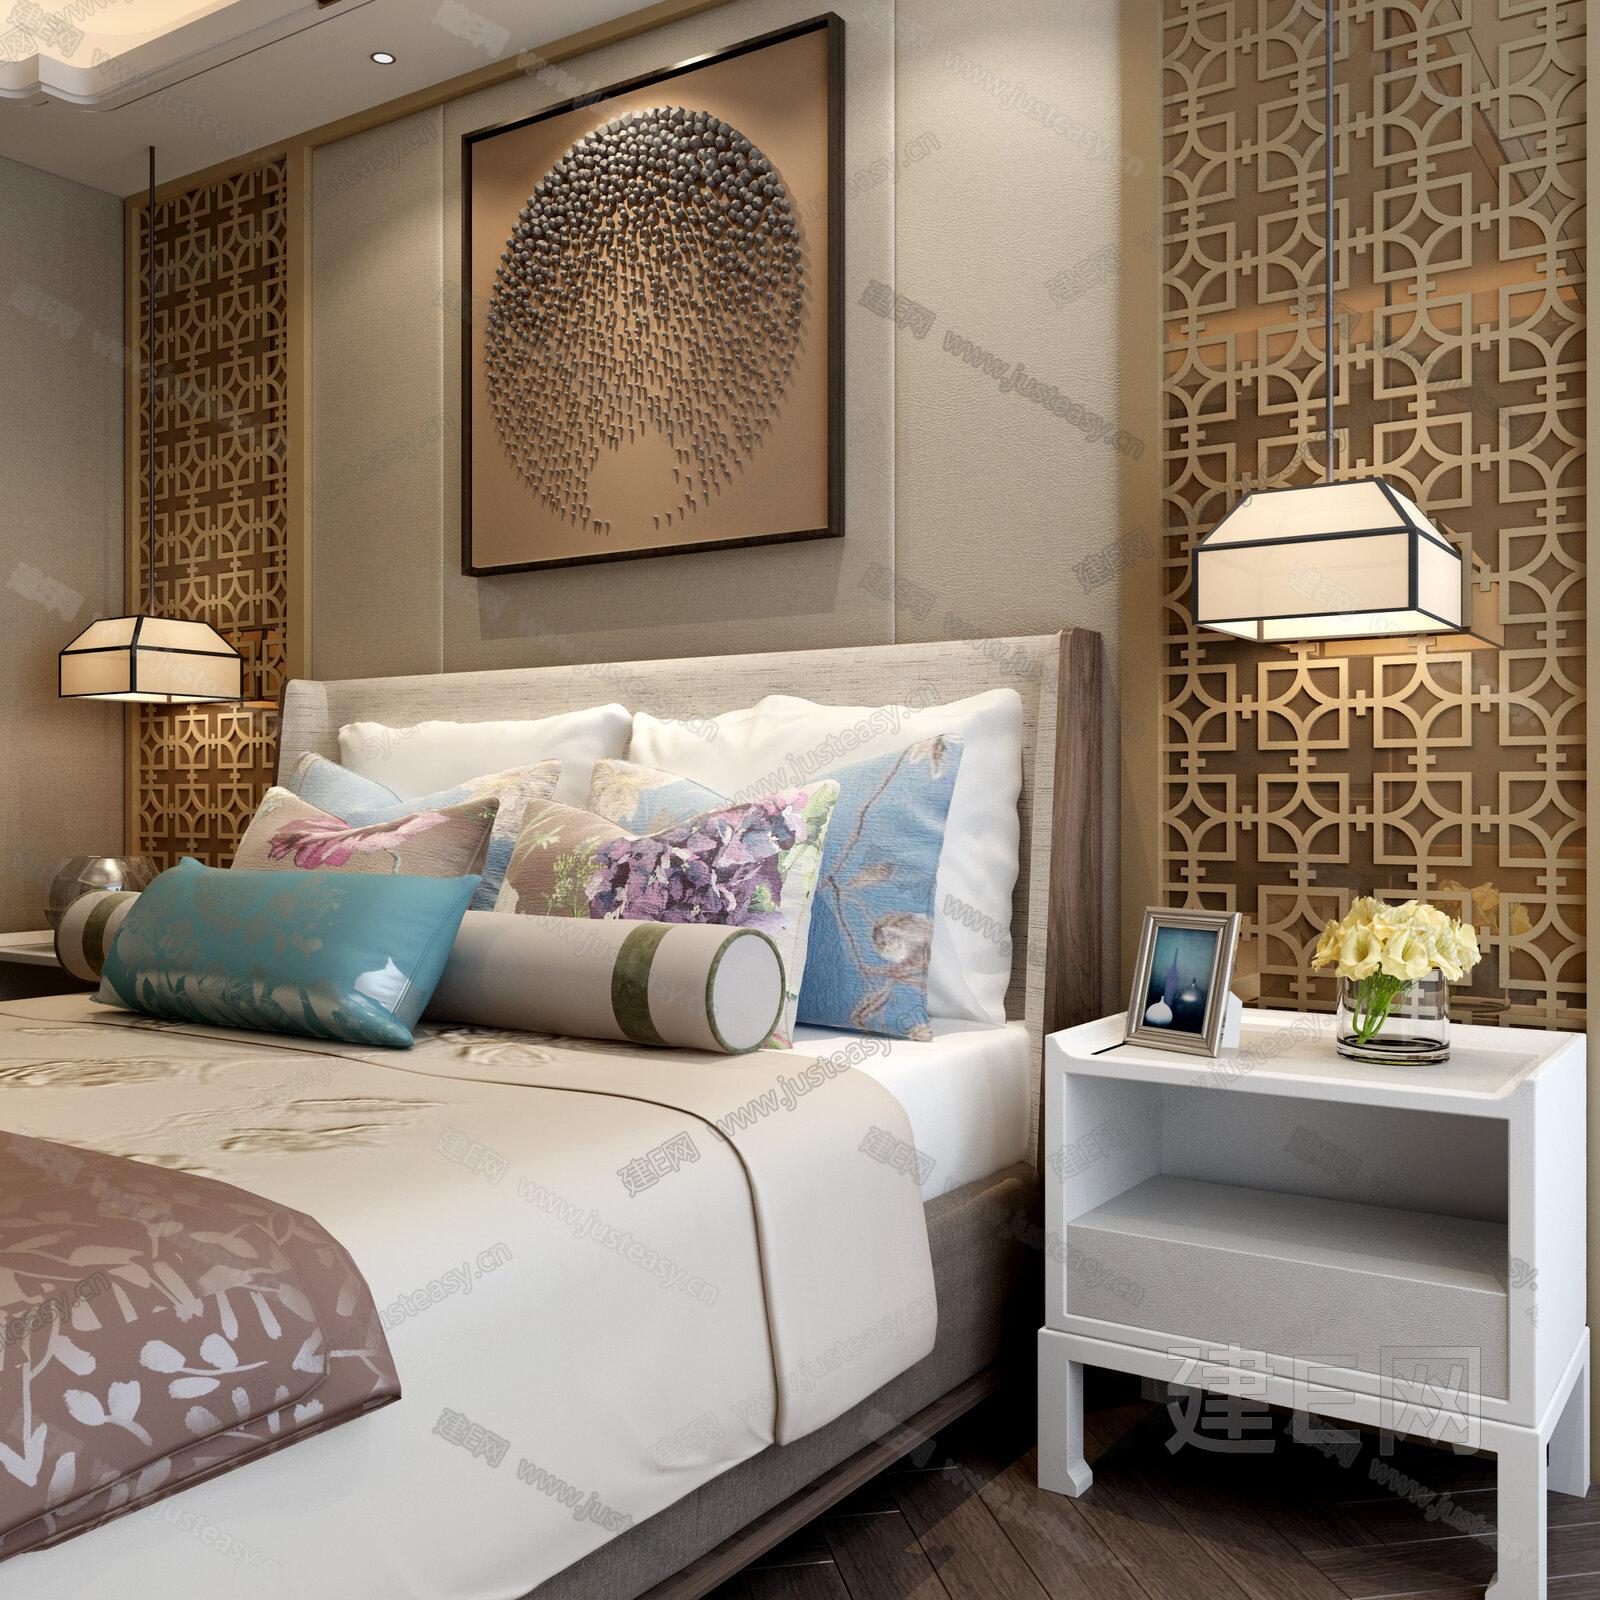 现代中式床吊灯床头柜屏风组合图片